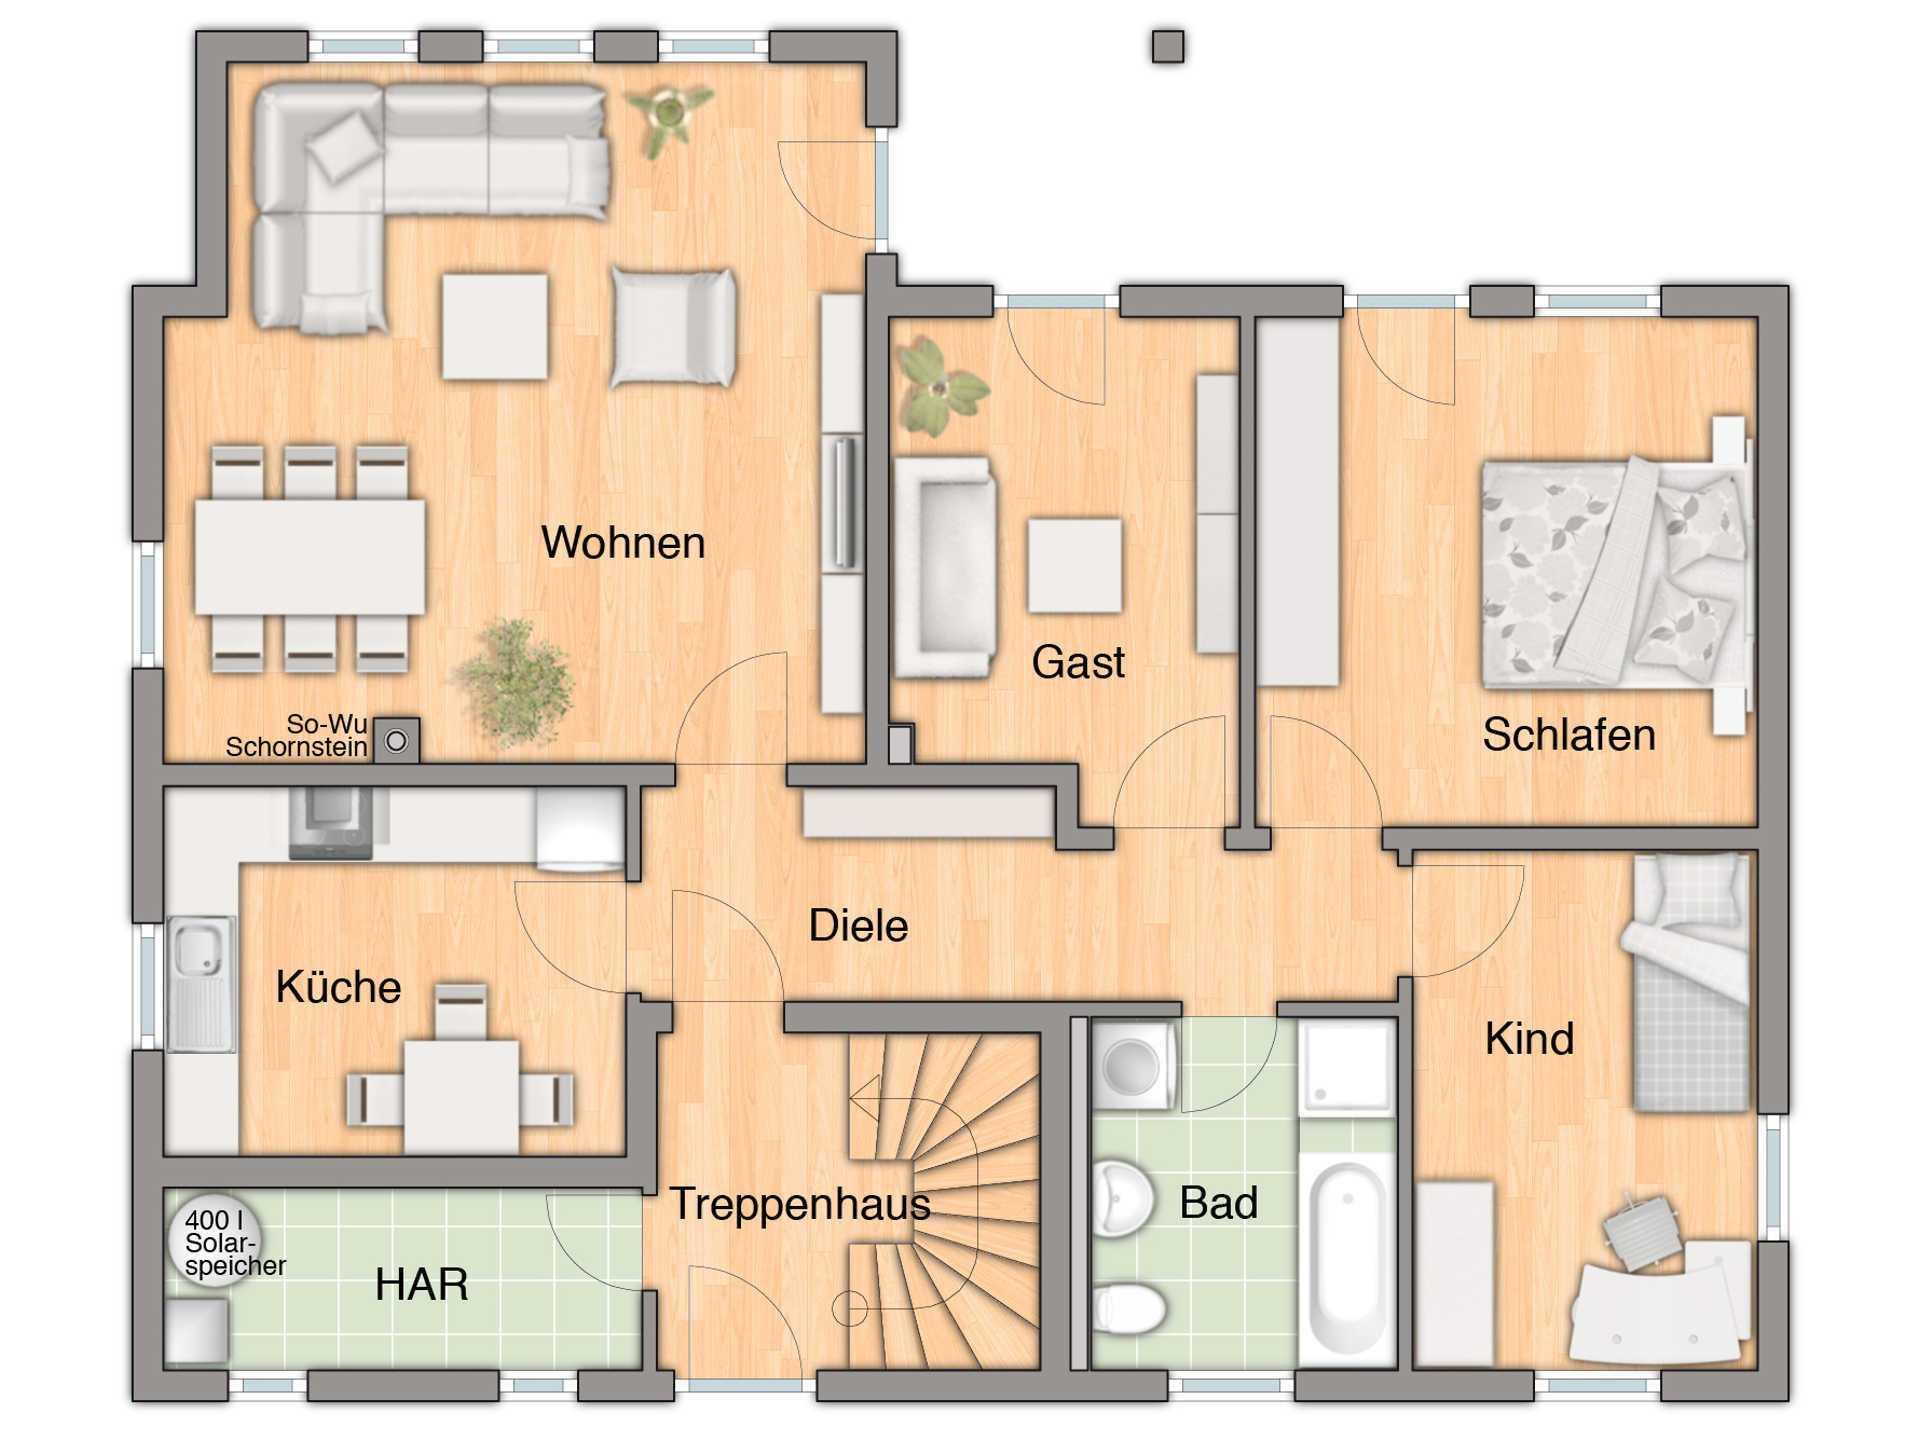 Einfamilienhaus mit einliegerwohnung im erdgeschoss  Haus Domizil 192 mit Einliegerwohnung - Town & Country Haus